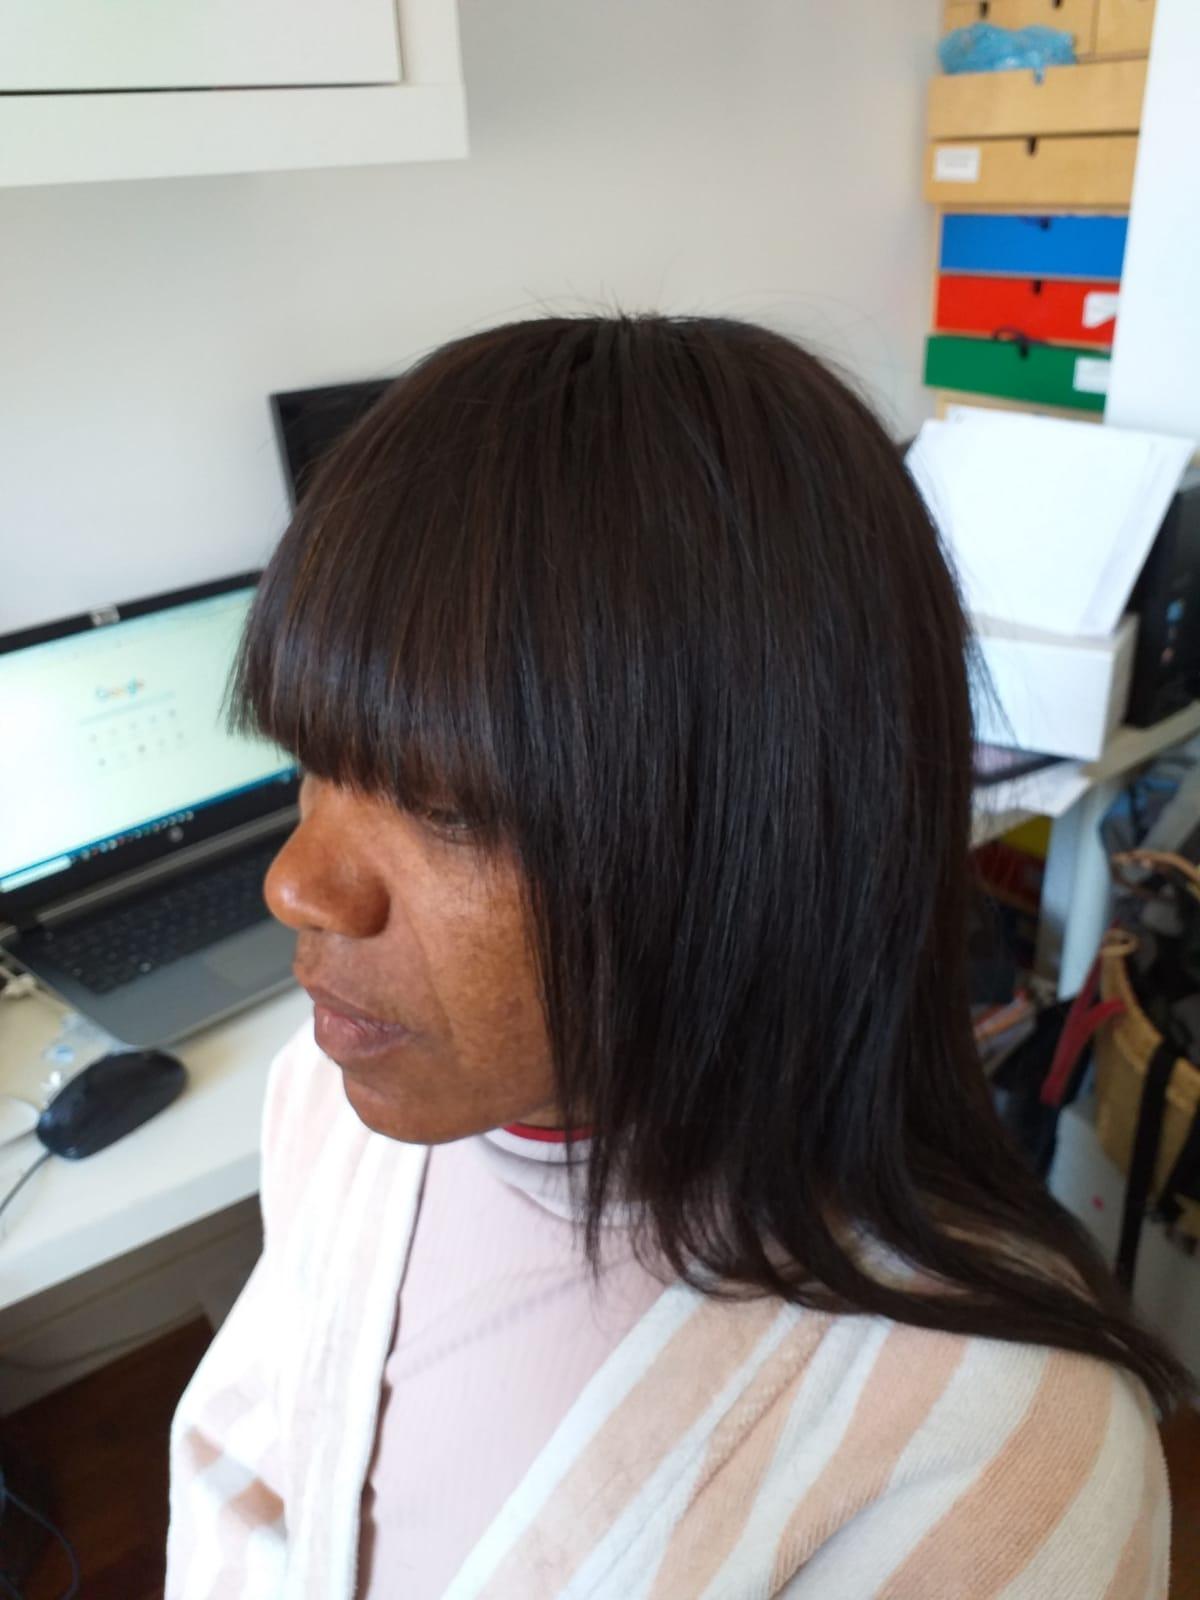 salon de coiffure afro tresse tresses box braids crochet braids vanilles tissages paris 75 77 78 91 92 93 94 95 ZKLJXOIG